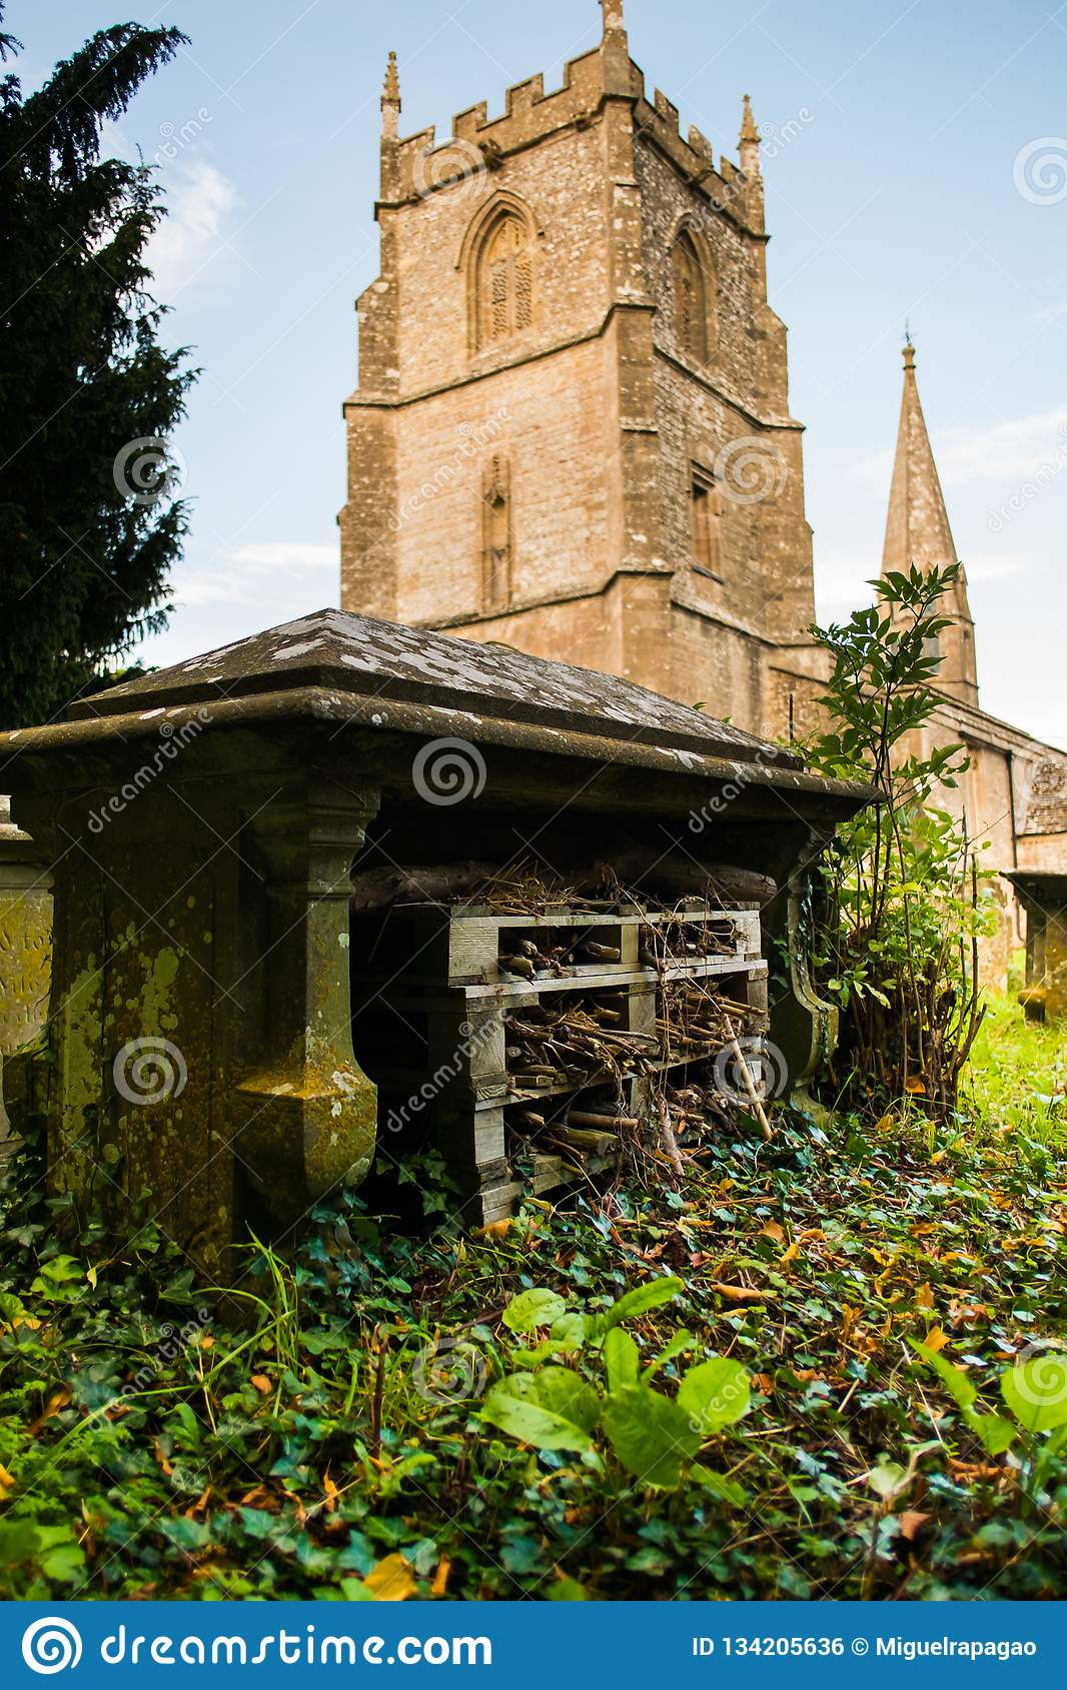 Church in Swindon